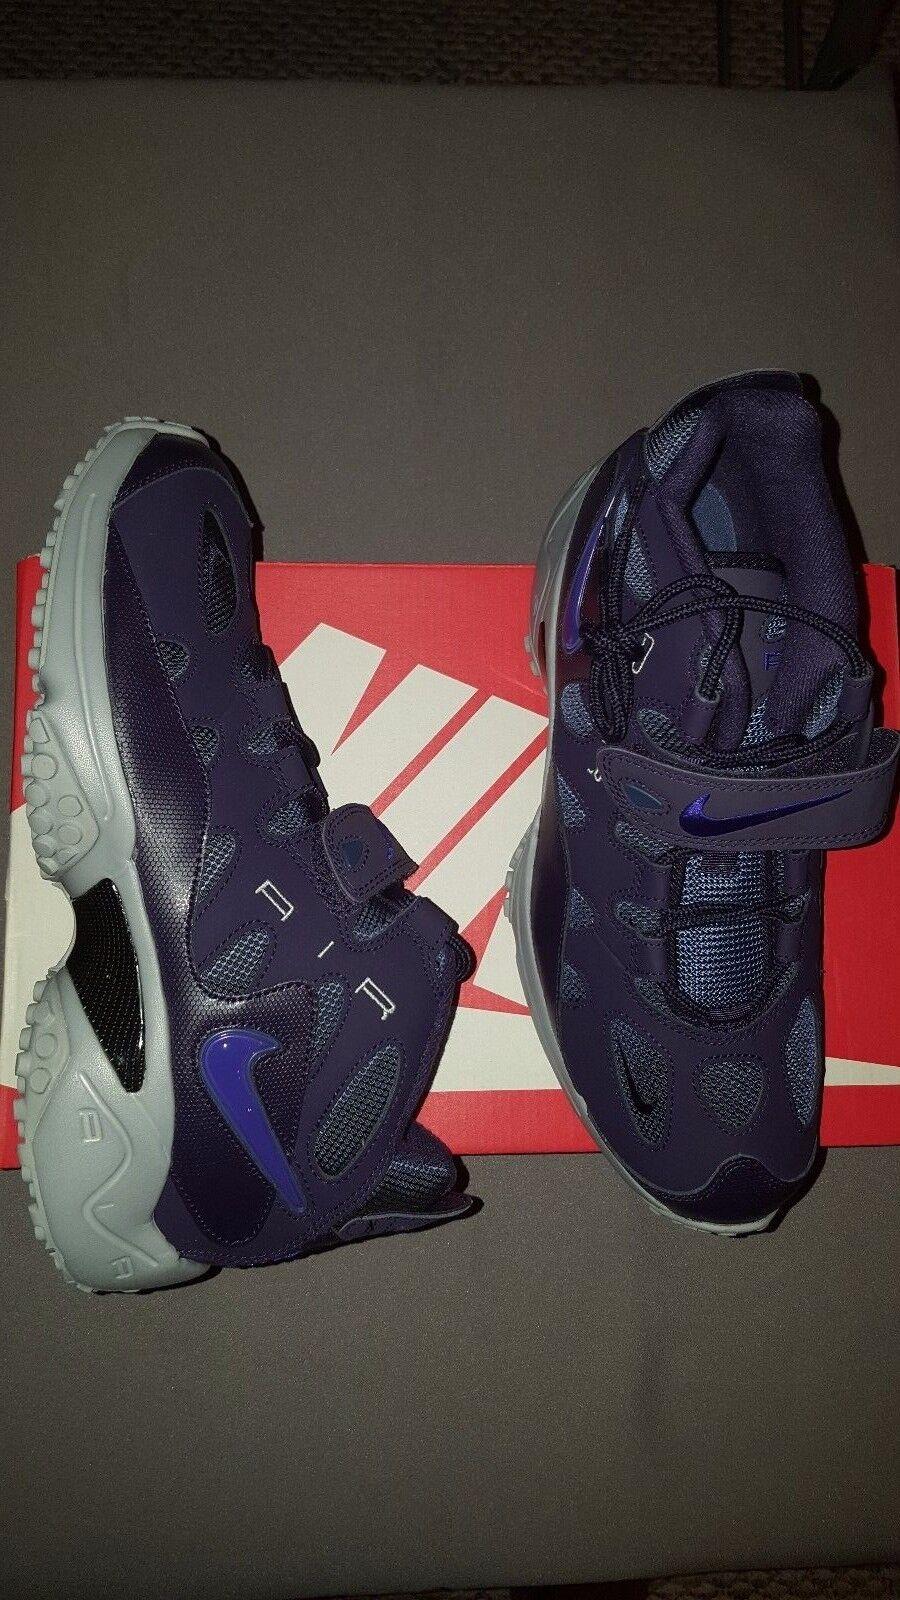 Nike air territorio raider viola nero 580401 500 uomini scarpe scatola sz 10 nuovi in scatola scarpe 7b90e2